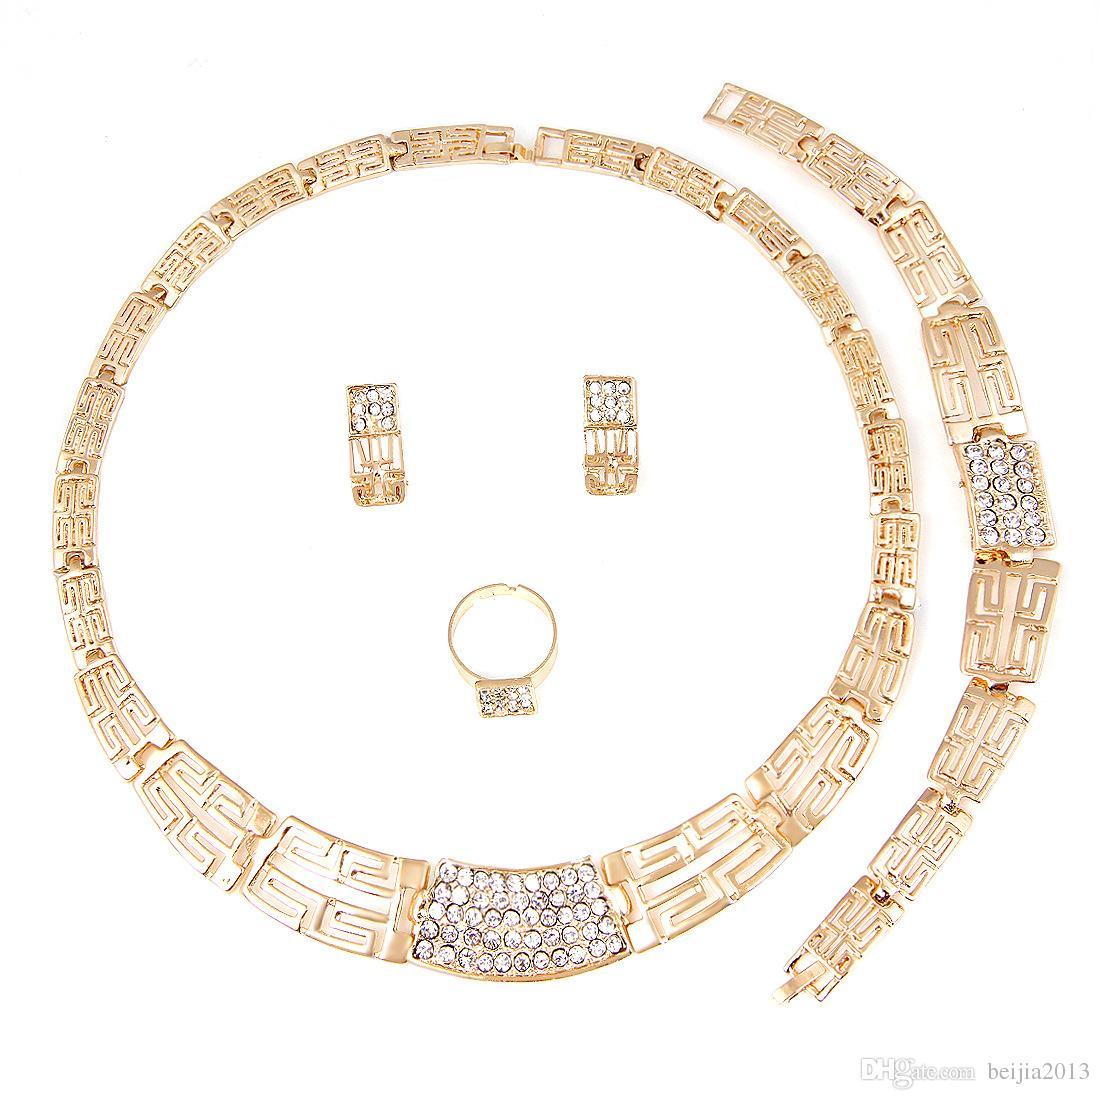 Alta Qualidade 18K banhado a ouro de prata conjunto de jóias brincos colar anéis pulseira bracelete conjuntos de casamento jóias acessórios de moda quente